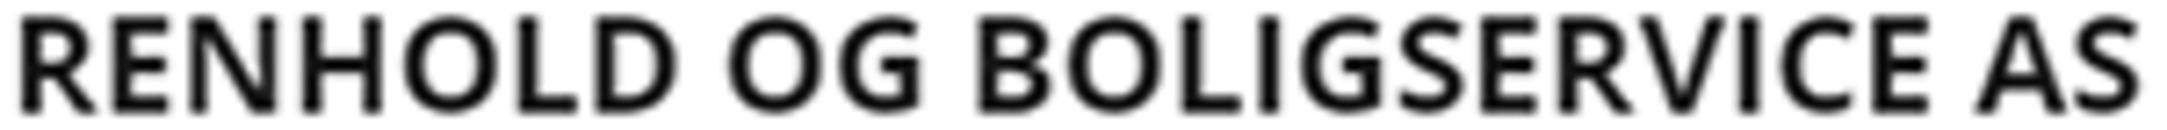 Renhold og Boligservice AS logo